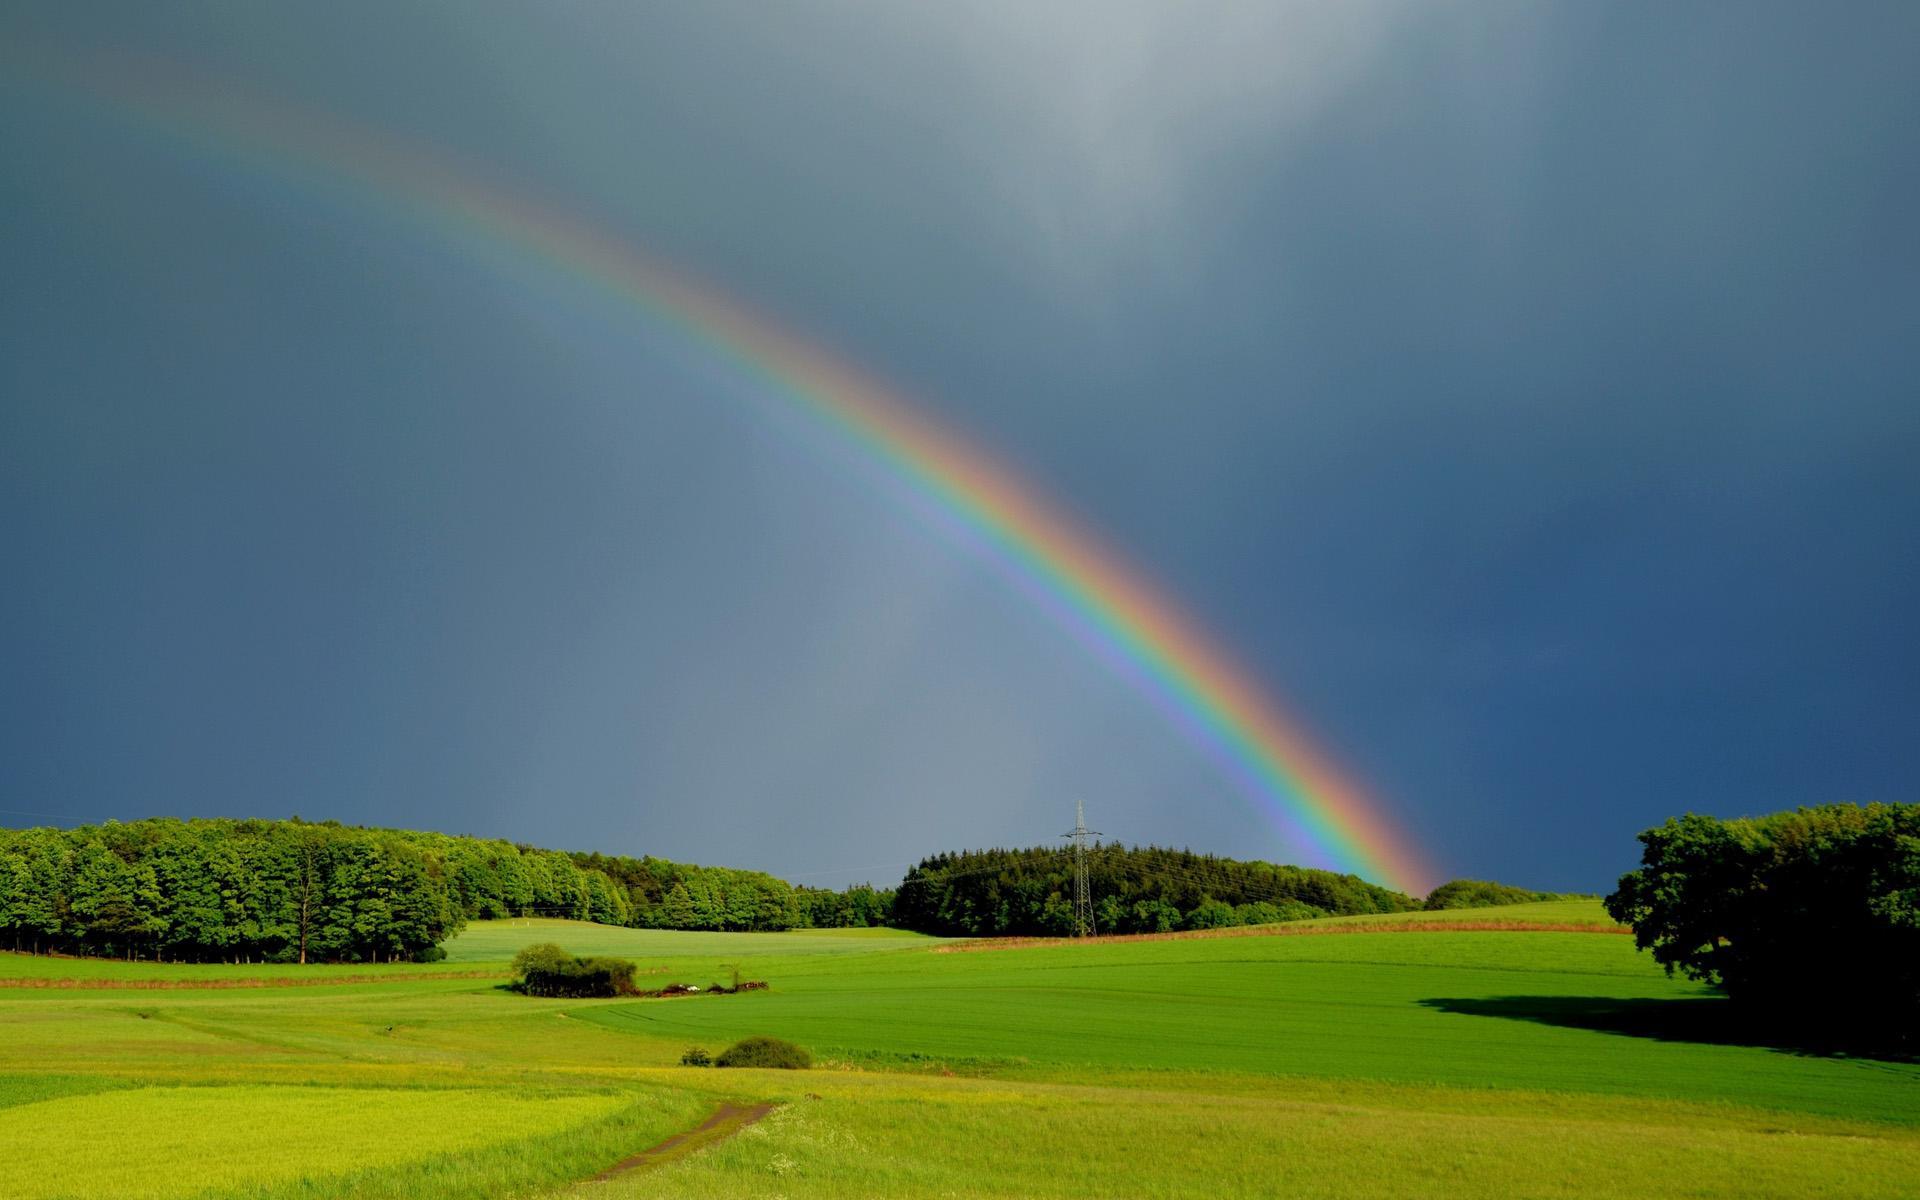 唯美绚丽的彩虹风景图片桌面壁纸